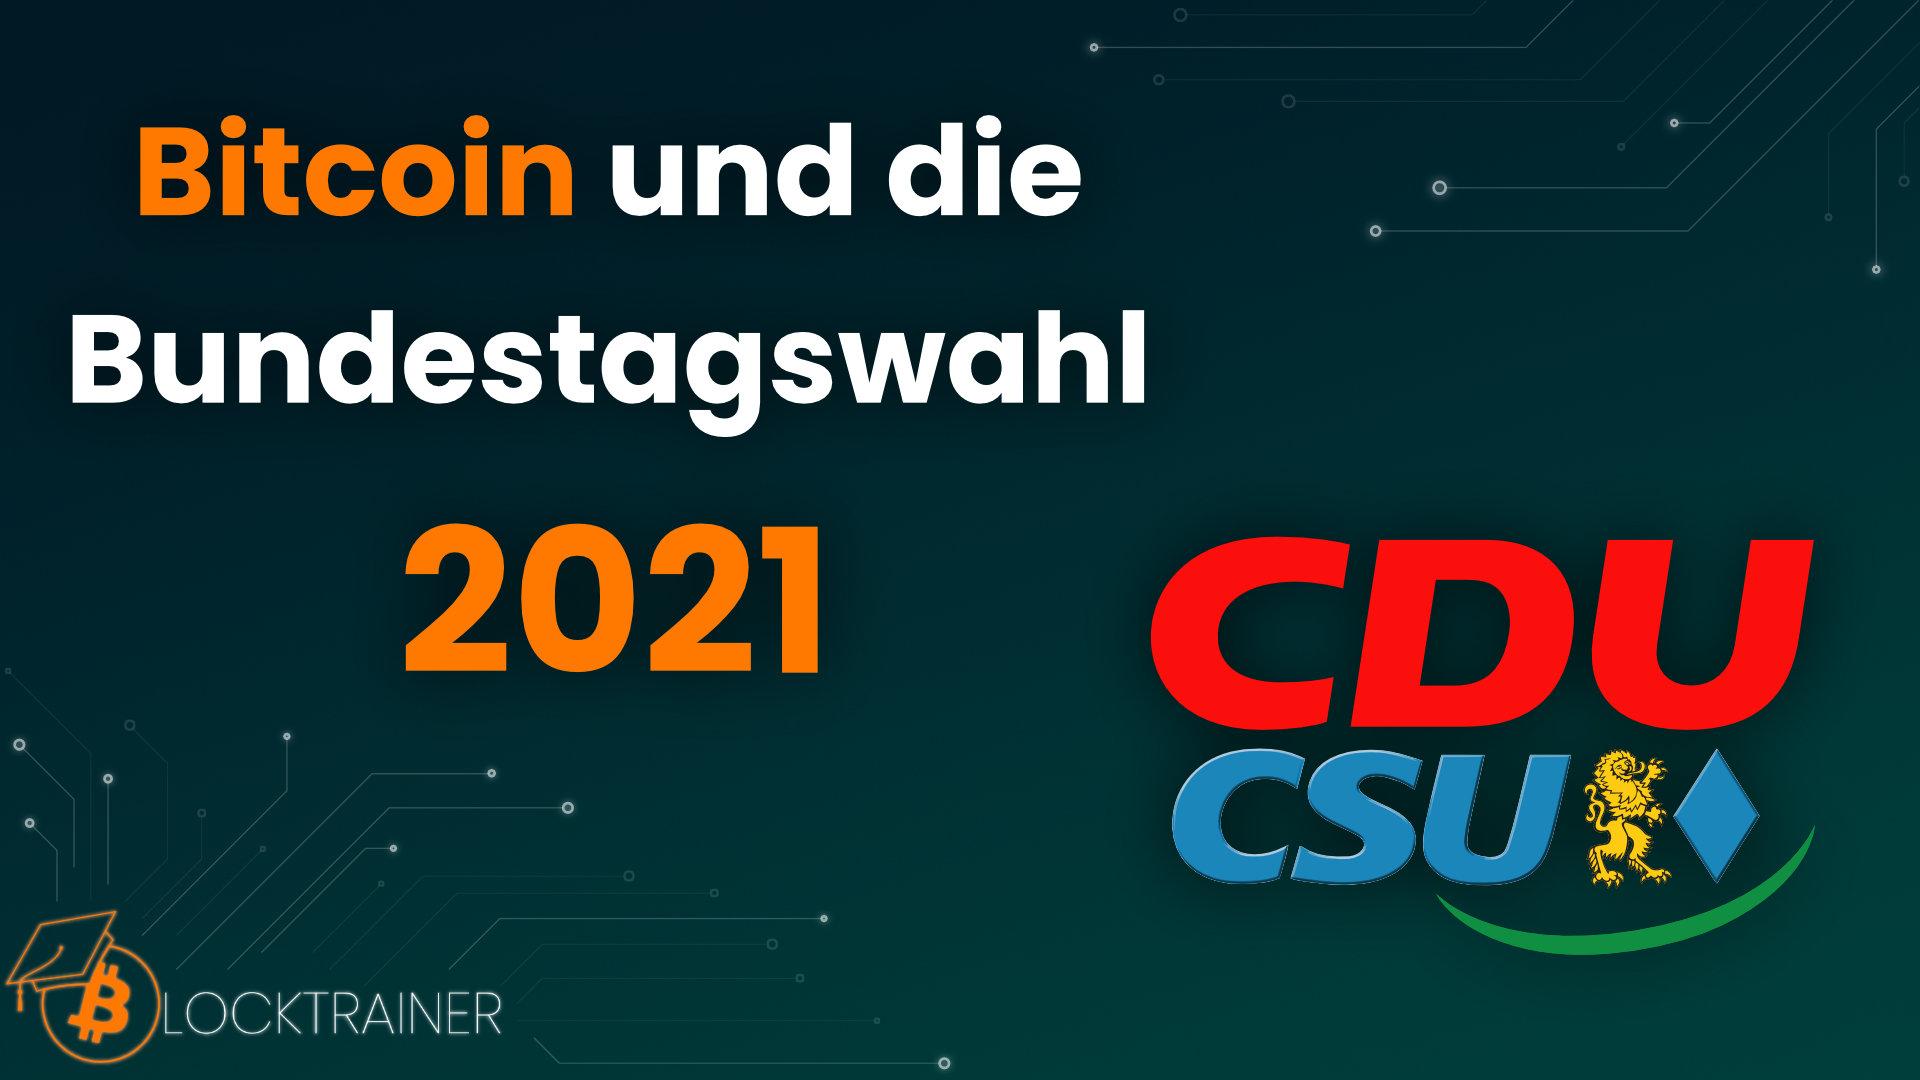 Bitcoin und die Bundestagswahl 2021 CDU/CSU